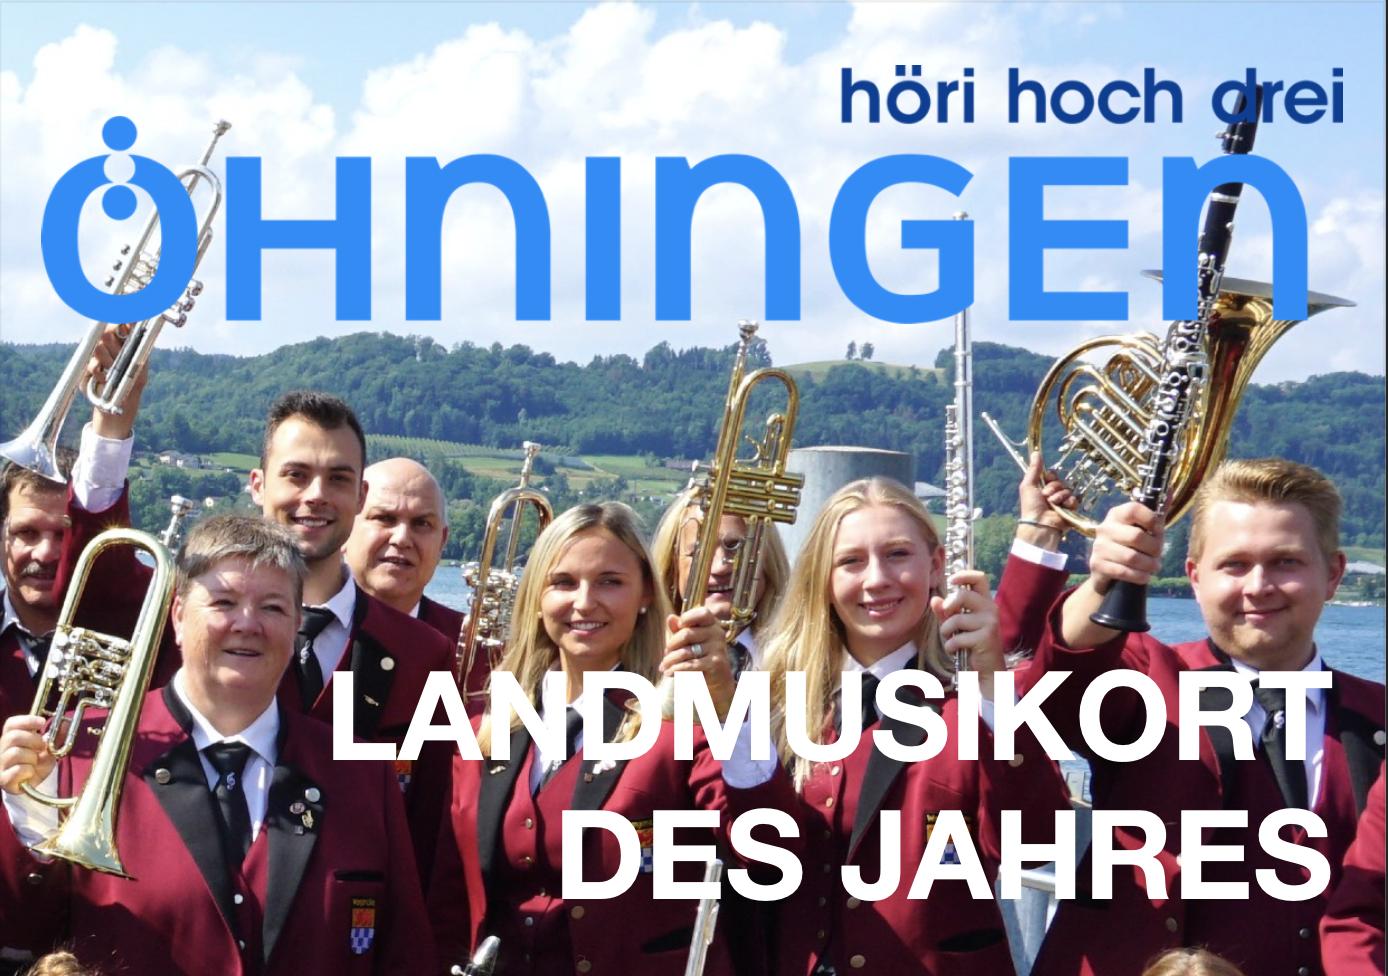 Öhningen ist Landmusikort des Jahres!